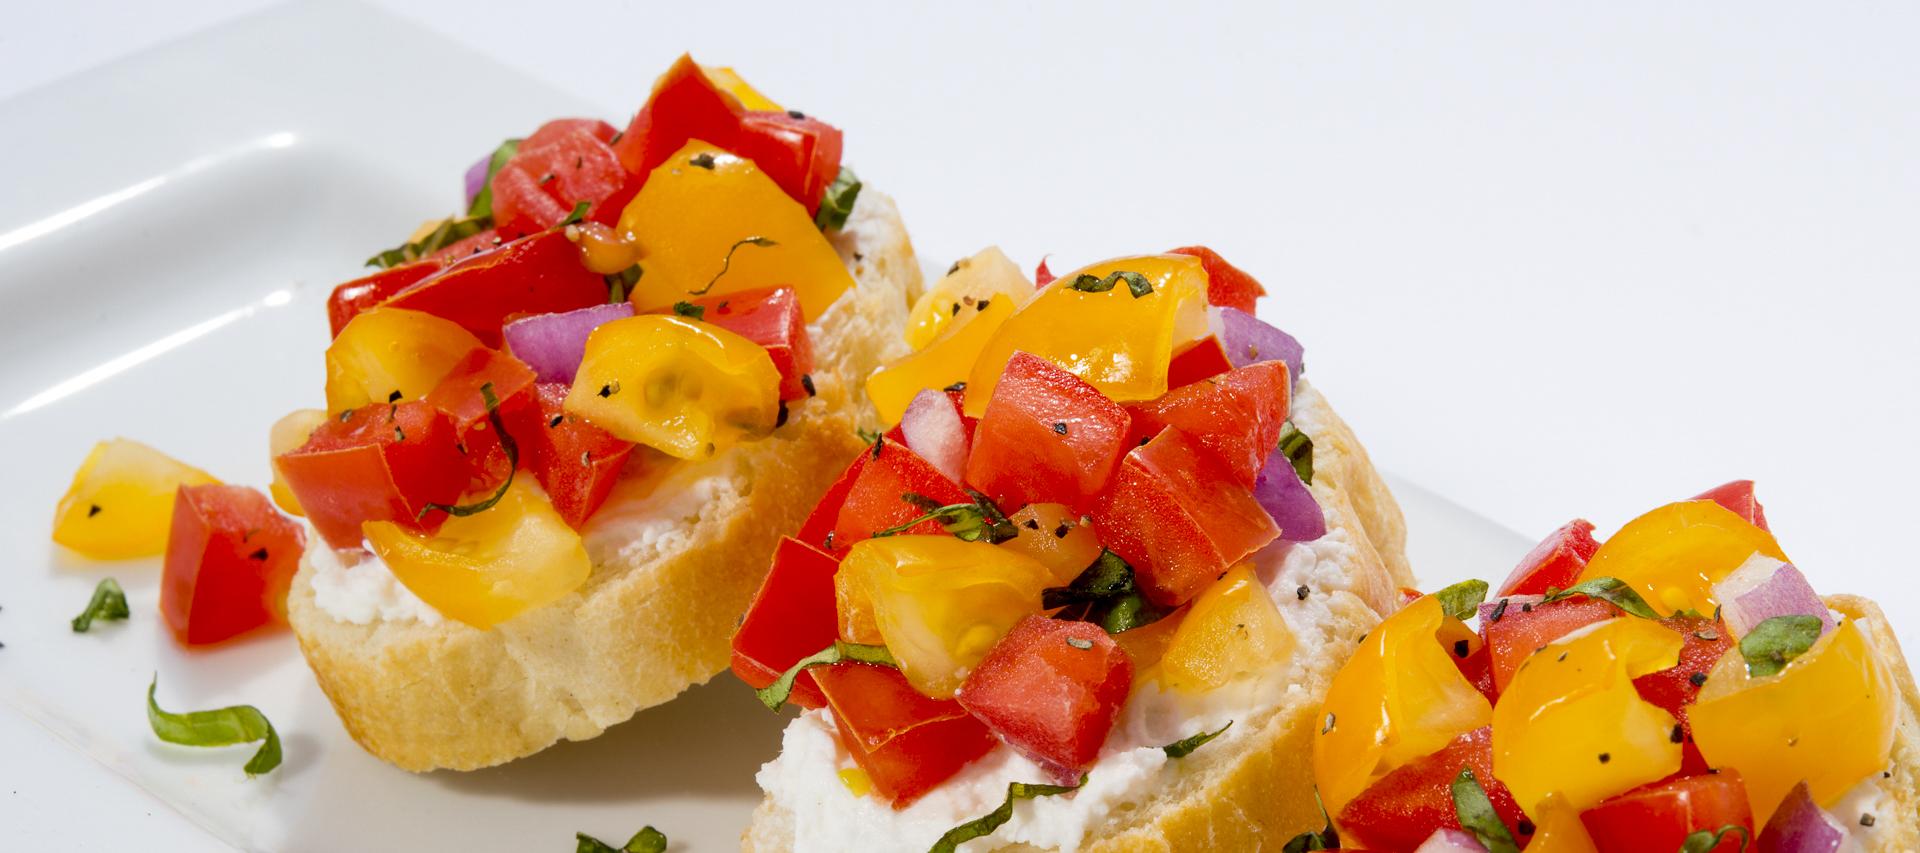 Food_Test-060.jpg